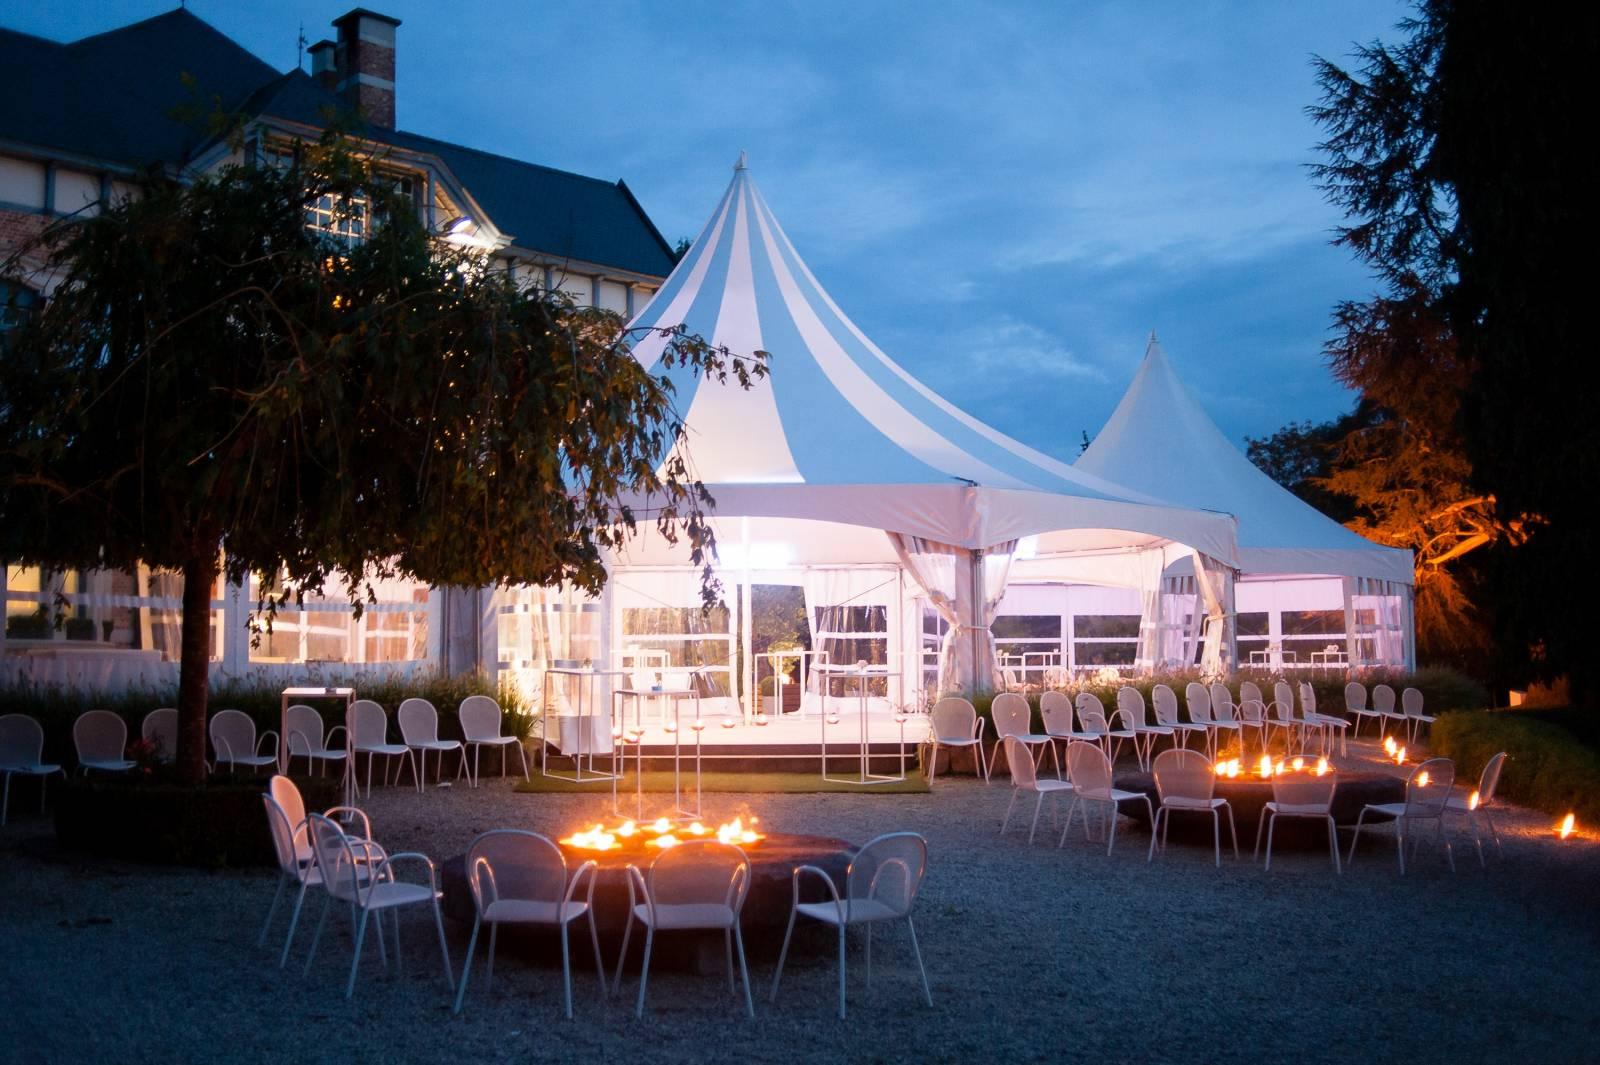 Domein Saint-Hubert - House of Weddings - Feestzaal Oost-Vlaanderen - Ronse - huwelijk - ceremonie cateri (21)